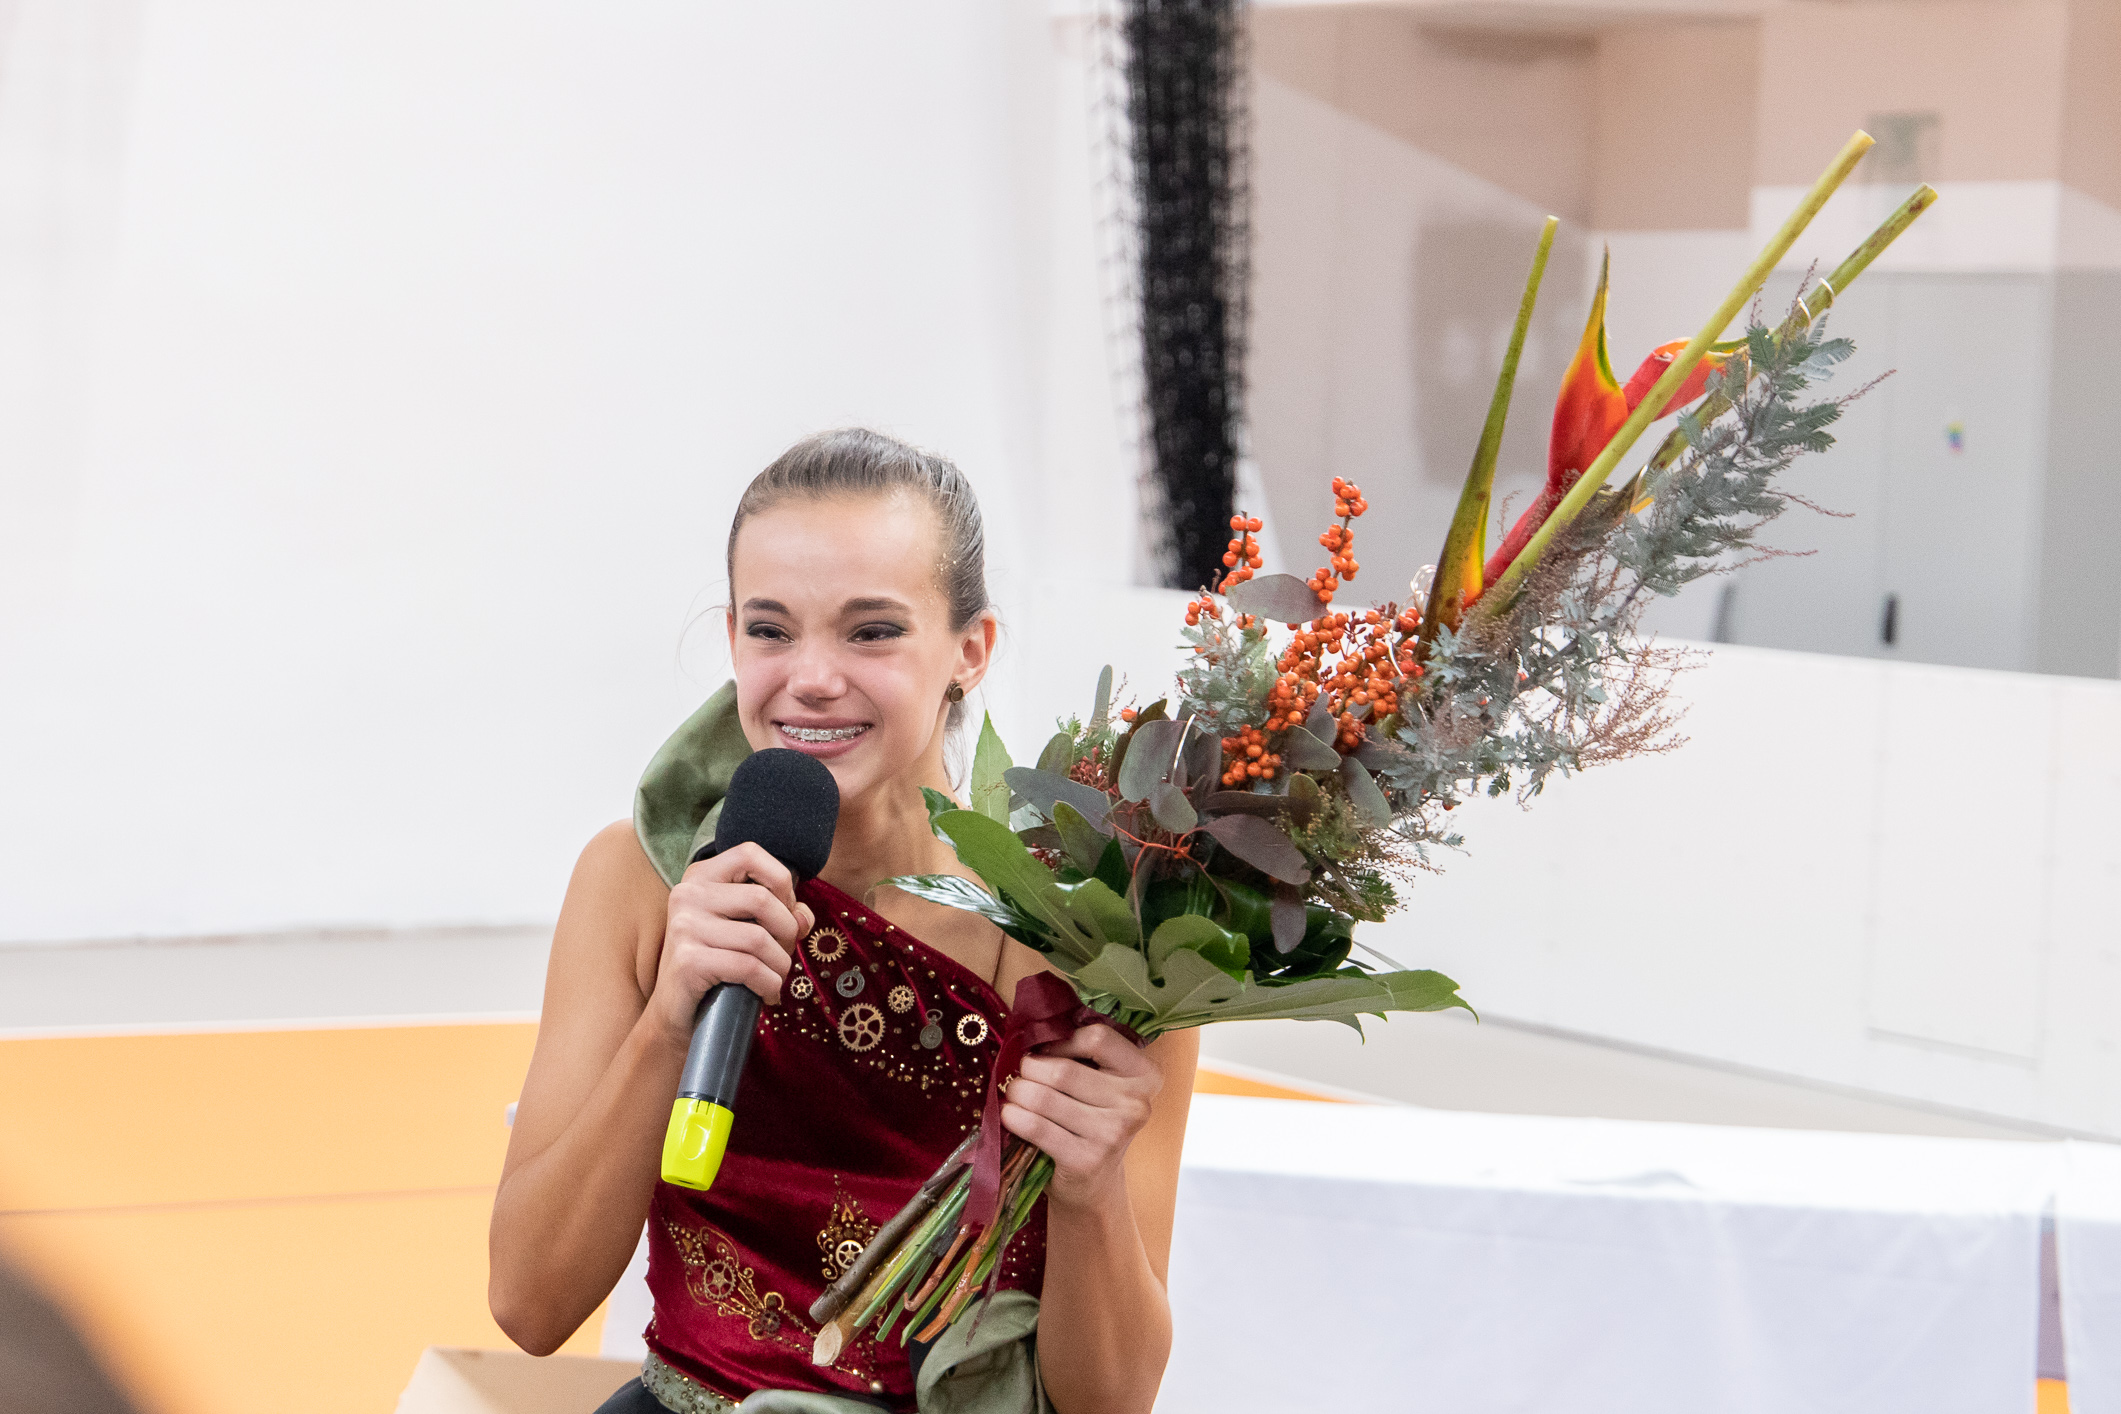 Nelli Novodomská